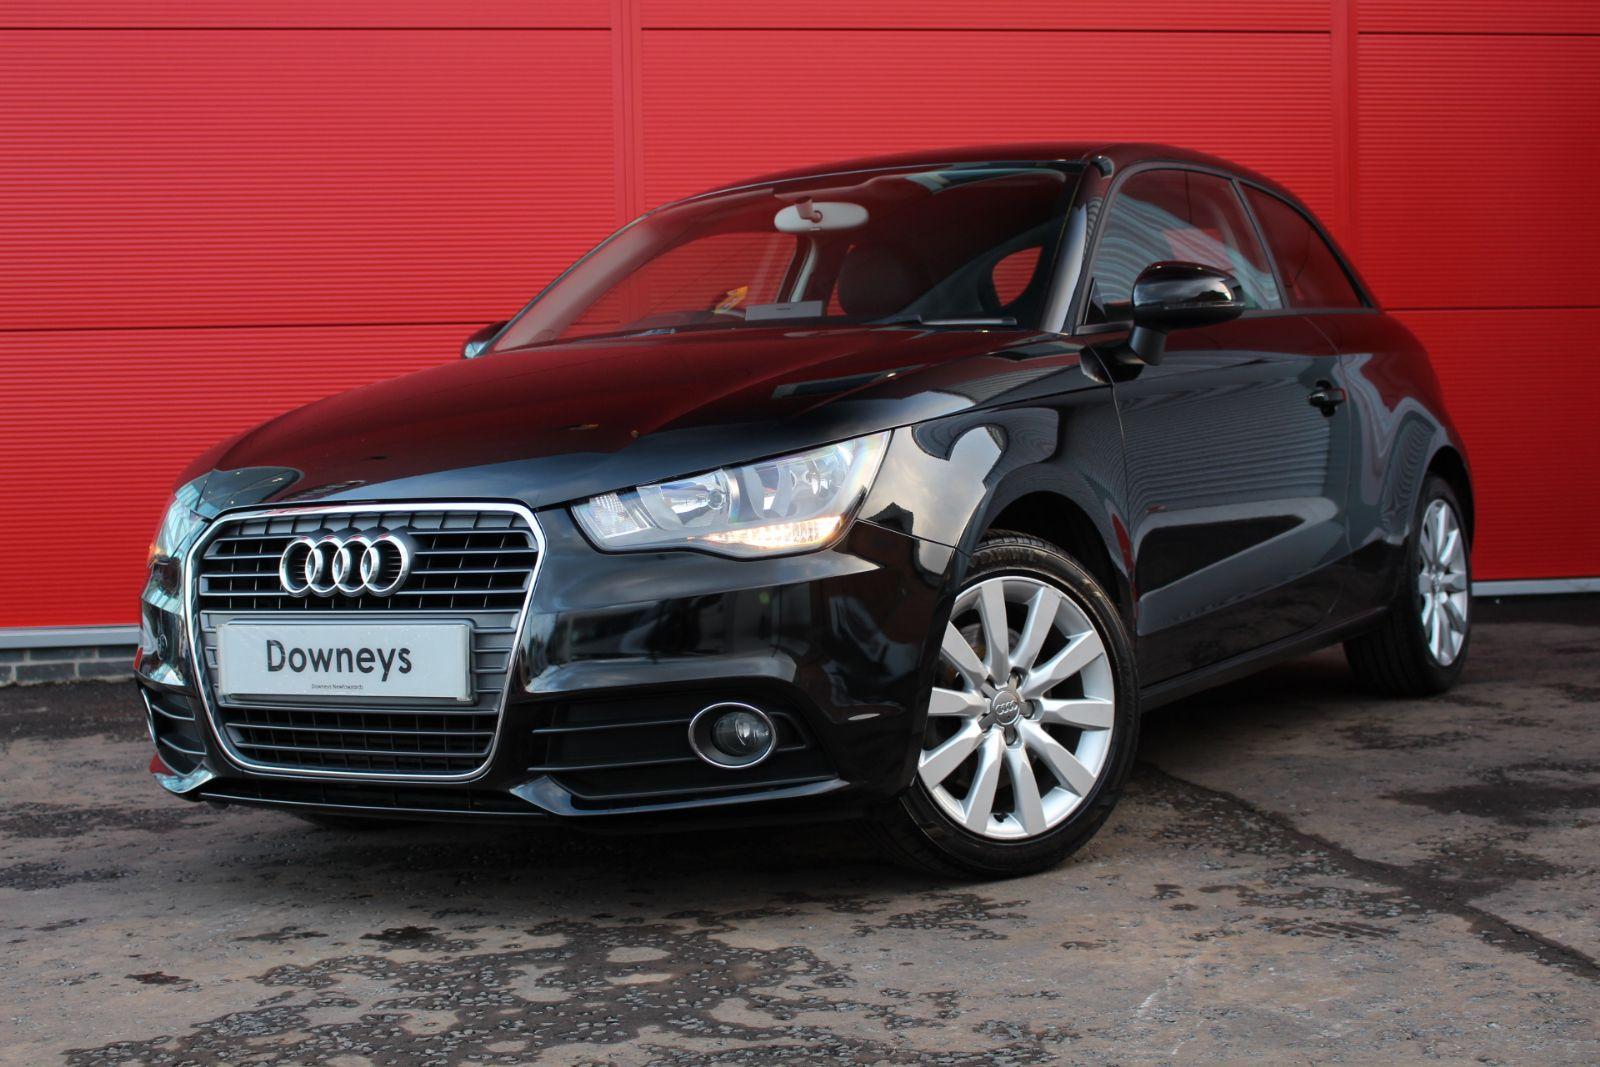 Audi A1 SPORT 1.6 TDI